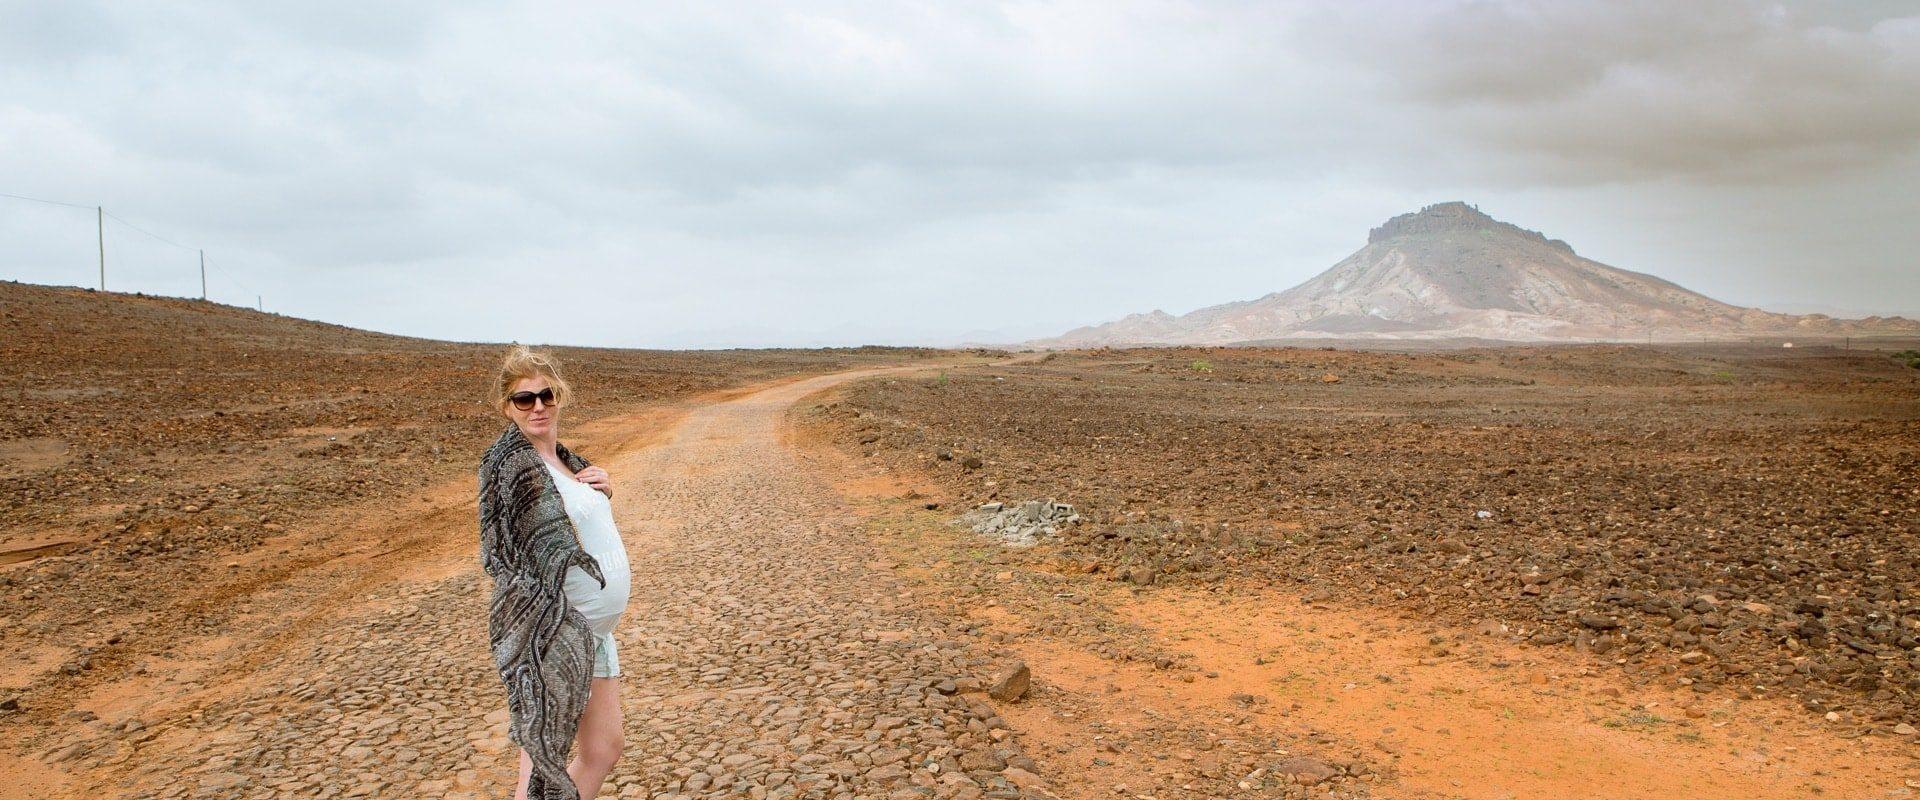 15 Jours Au Cap-Vert (enceinte!) Itinéraire Et Conseils